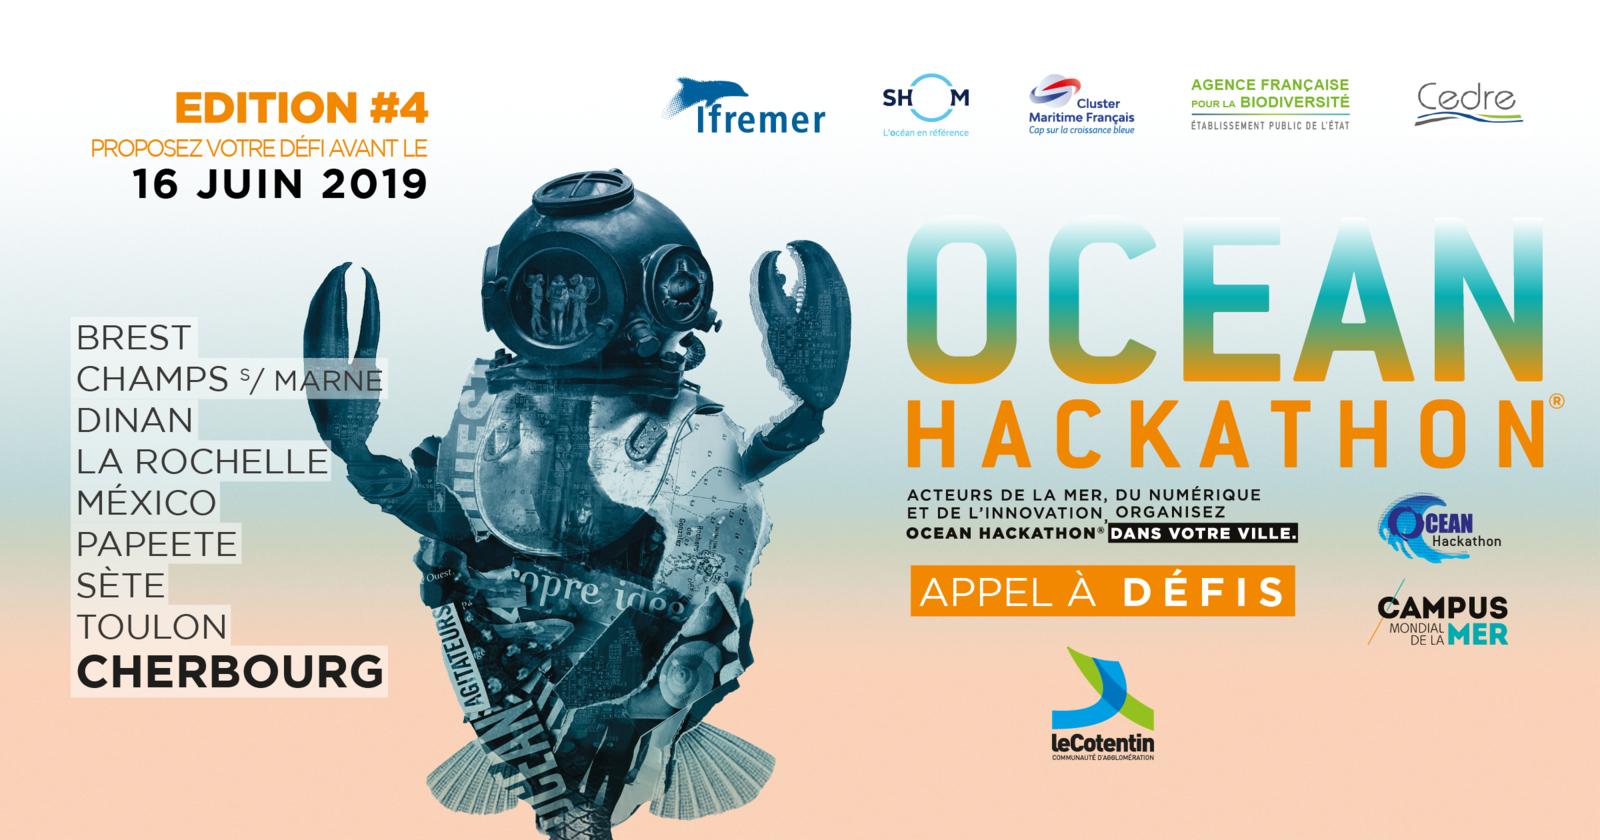 #Cherbourg - OCEAN HACKATHON : LES INSCRIPTIONS SONT OUVERTES !